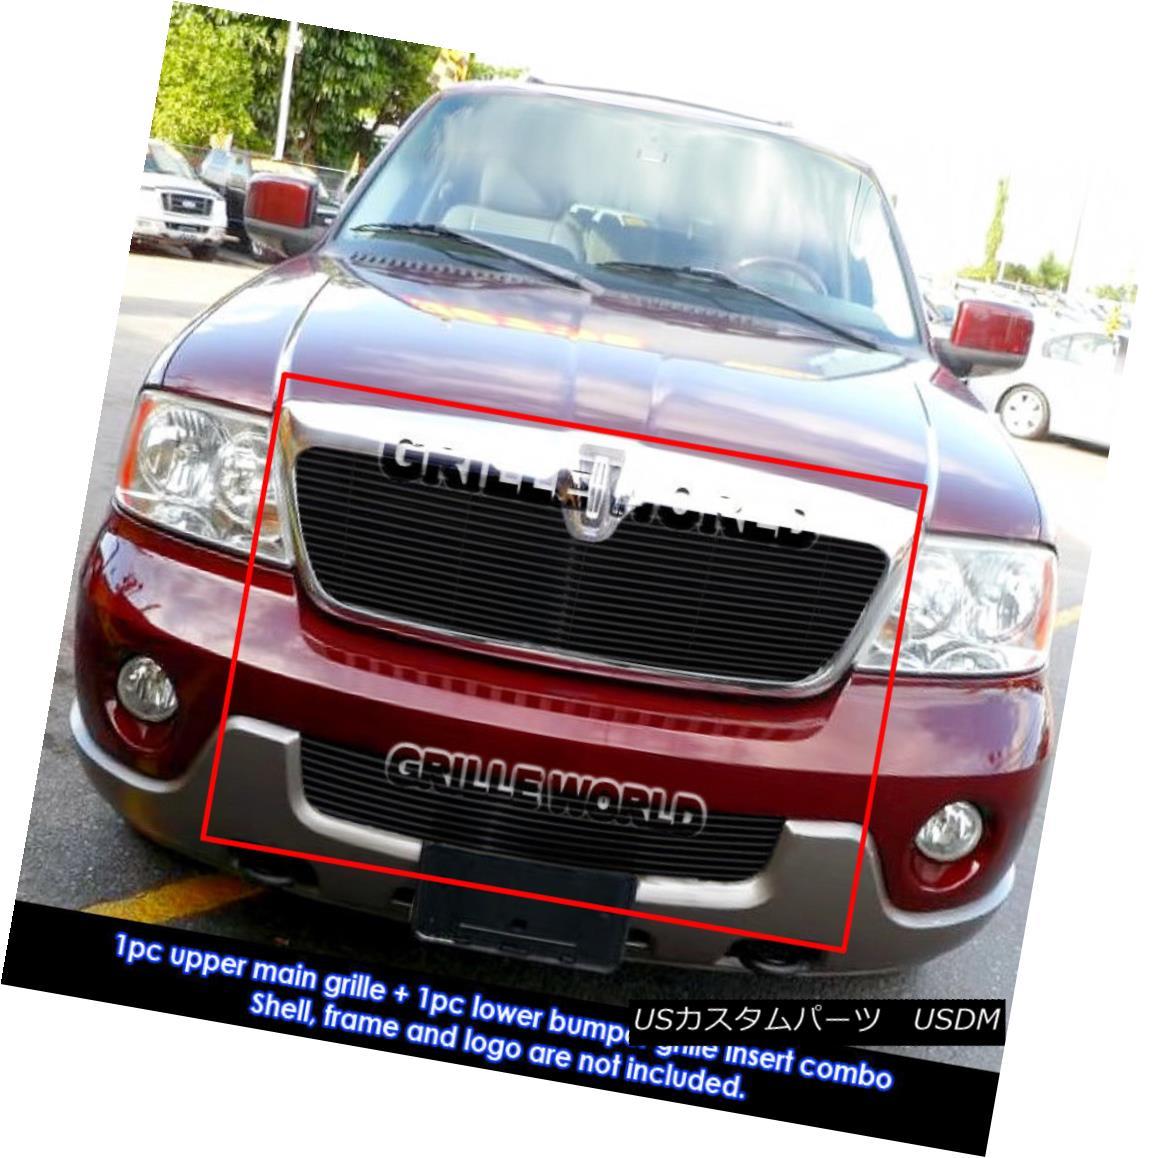 グリル For 03-04 Lincoln Navigator Black Billet Grille Insert Combo 03-04リンカーンナビゲーターブラックビレットグリルインサートコンボ用